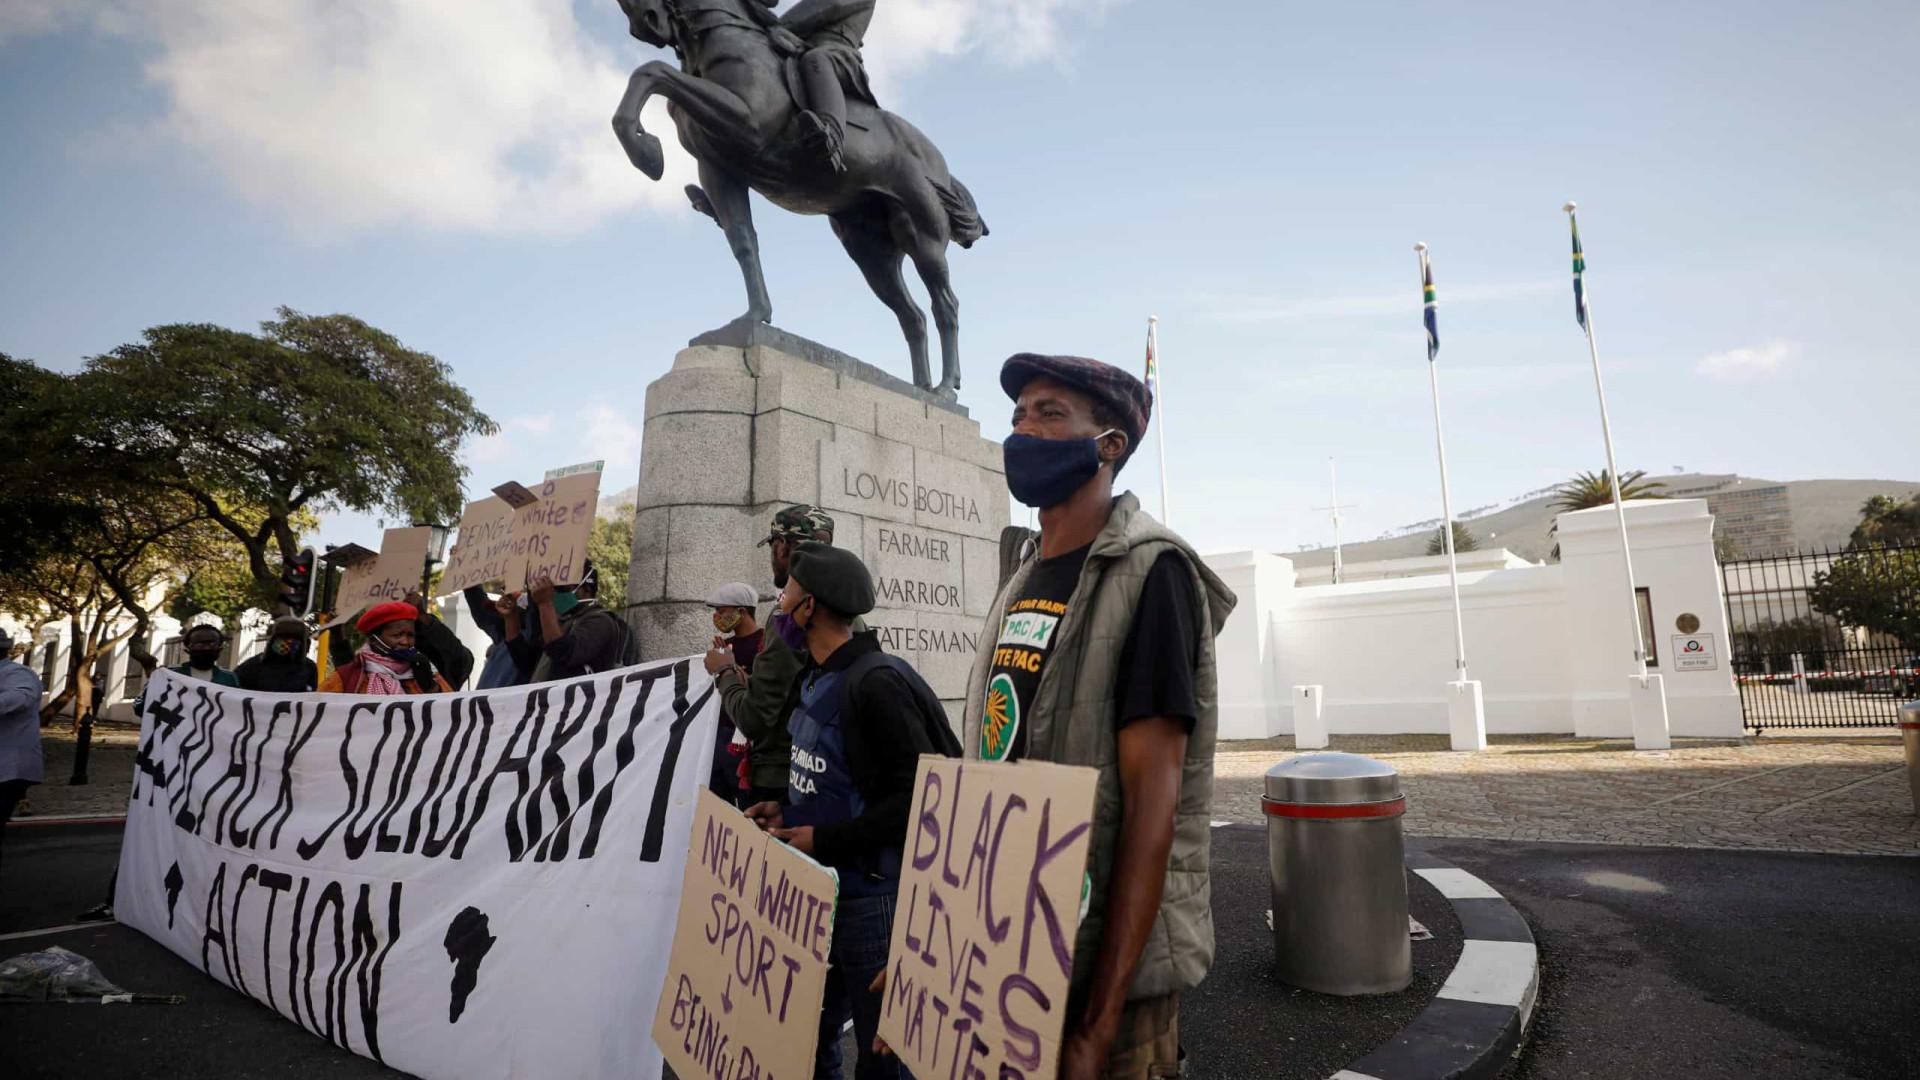 África do Sul prepara 'sexta-feira negra' em resposta ao racismo